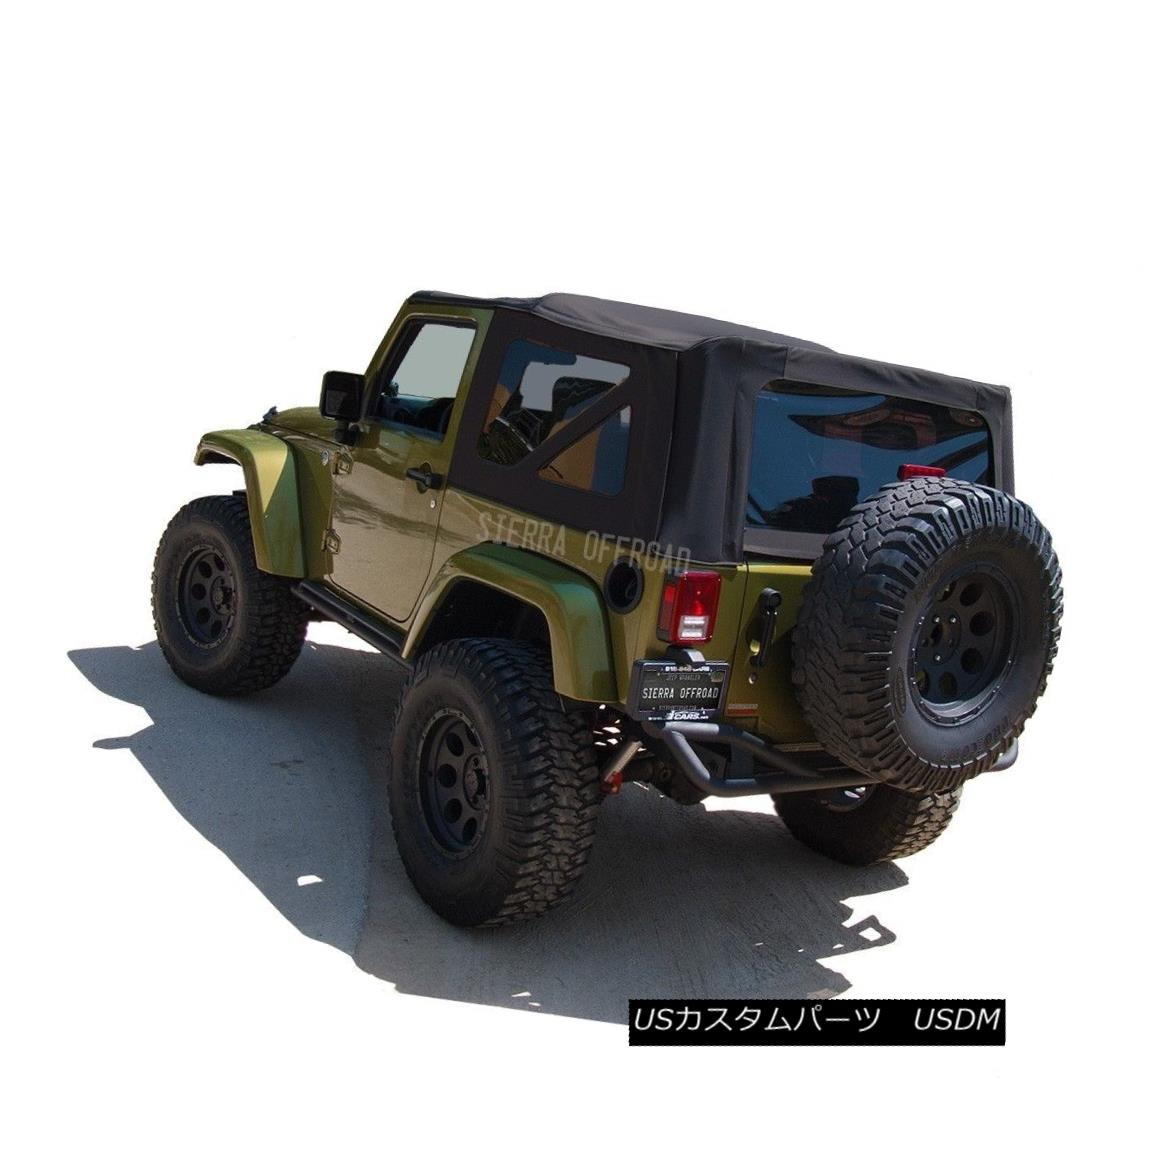 幌・ソフトトップ 2010-2017 Jeep Wrangler 2 DR JK Soft Top, Black Sailcloth 2010-2017ジープラングラー2 DR JKソフトトップ、ブラックセイルクロス